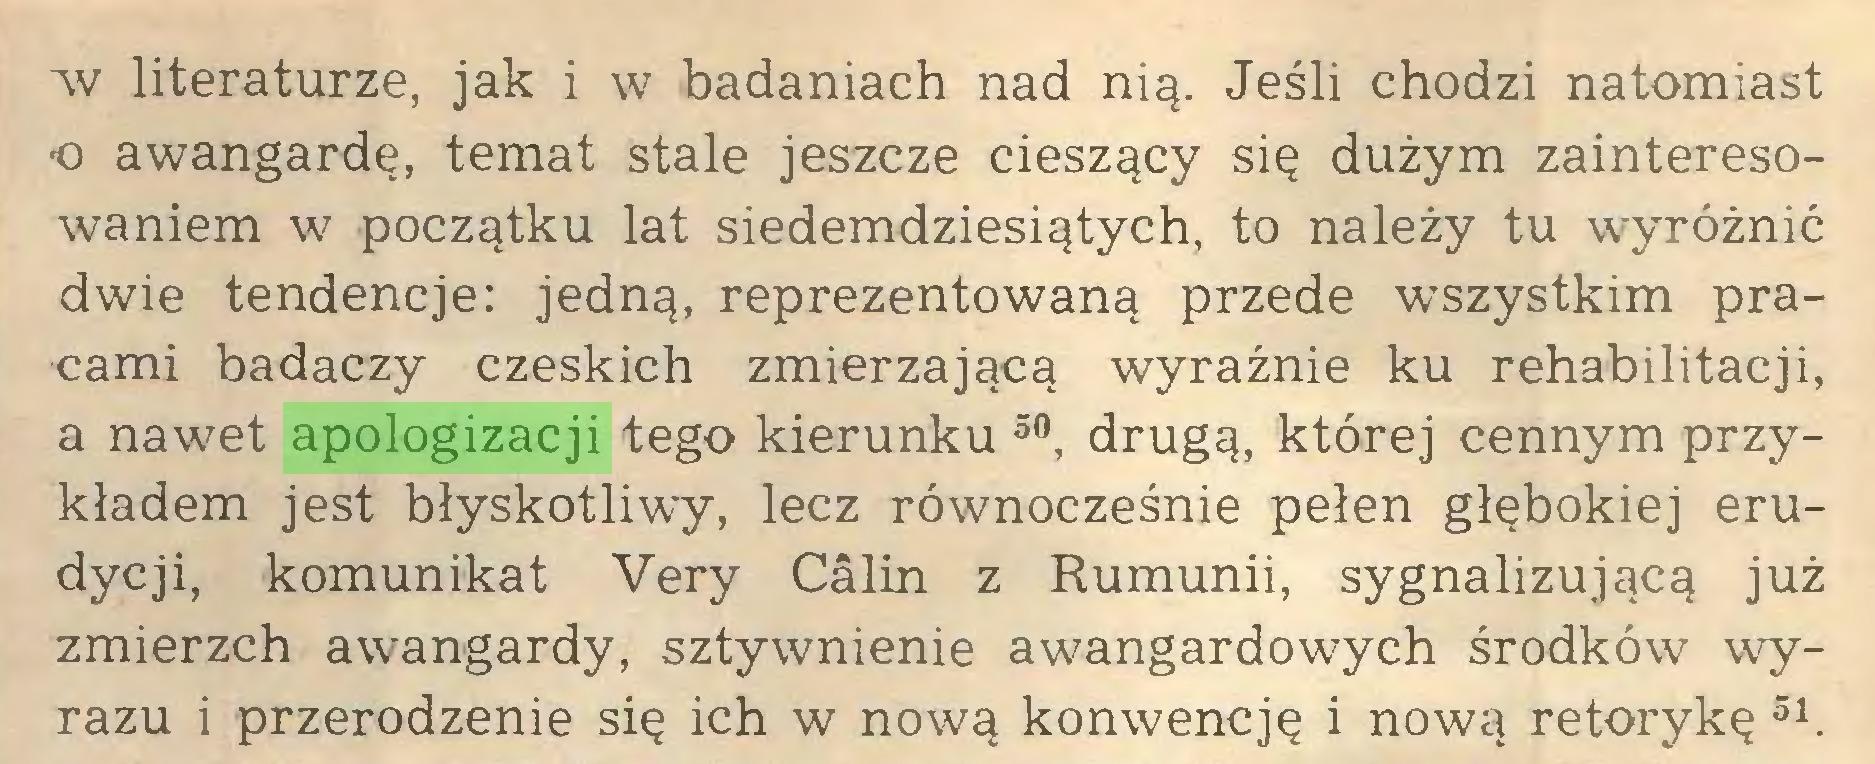 (...) Av literaturze, jak i w badaniach nad nią. Jeśli chodzi natomiast •o awangardę, temat stale jeszcze cieszący się dużym zainteresowaniem w początku lat siedemdziesiątych, to należy tu wyróżnić dwie tendencje: jedną, reprezentowaną przede wszystkim pracami badaczy czeskich zmierzającą wyraźnie ku rehabilitacji, a nawet apologizacji tego kierunku 50, drugą, której cennym przykładem jest błyskotliwy, lecz równocześnie pełen głębokiej erudycji, komunikat Very Câlin z Rumunii, sygnalizującą już zmierzch awangardy, sztywnienie awangardowych środków wyrazu i przerodzenie się ich w nową konwencję i nową retorykę 51...